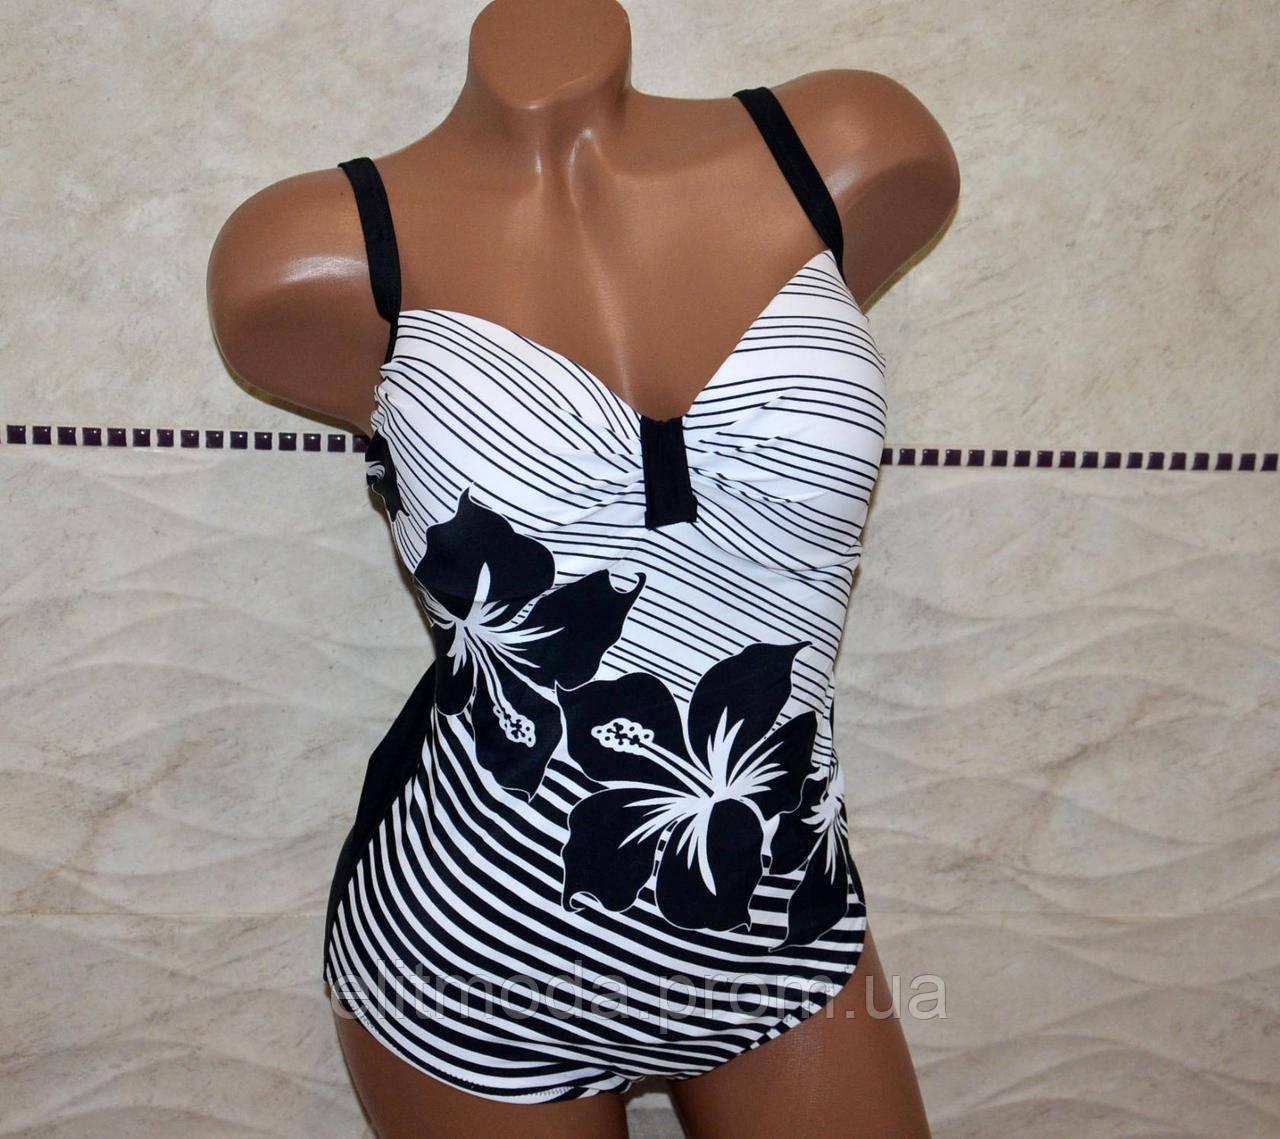 60dc5706cea60 Большой размер 52, женский слитный купальник, открытая спинка, черно-белый,  формовая